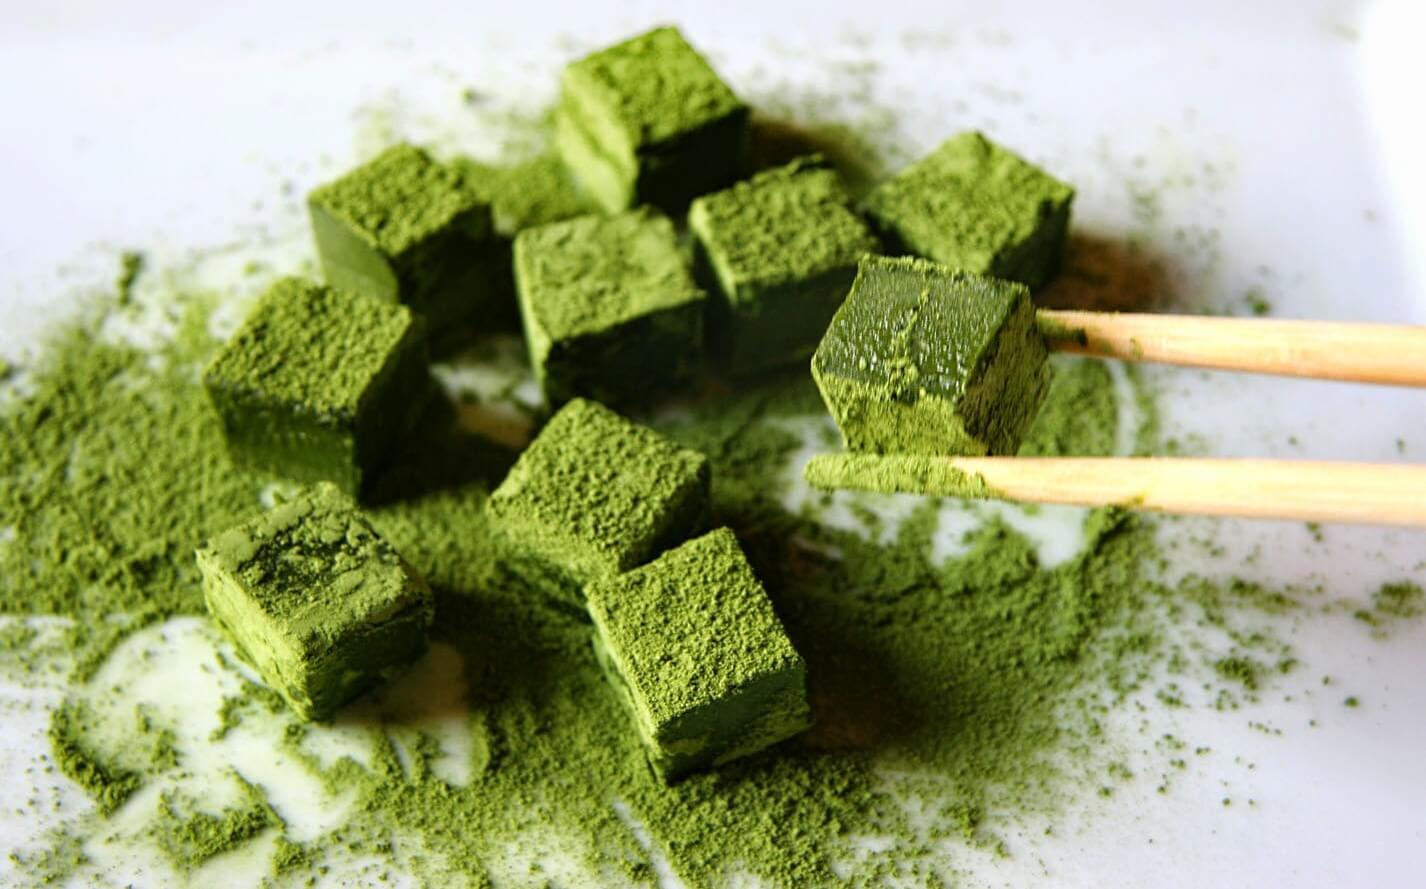 Trà xanh sử dụng làm mặt nạ có tác dụng làm sạch da, chống oxy hóa, kháng khuẩn và trị mụn ẩn hiệu quả